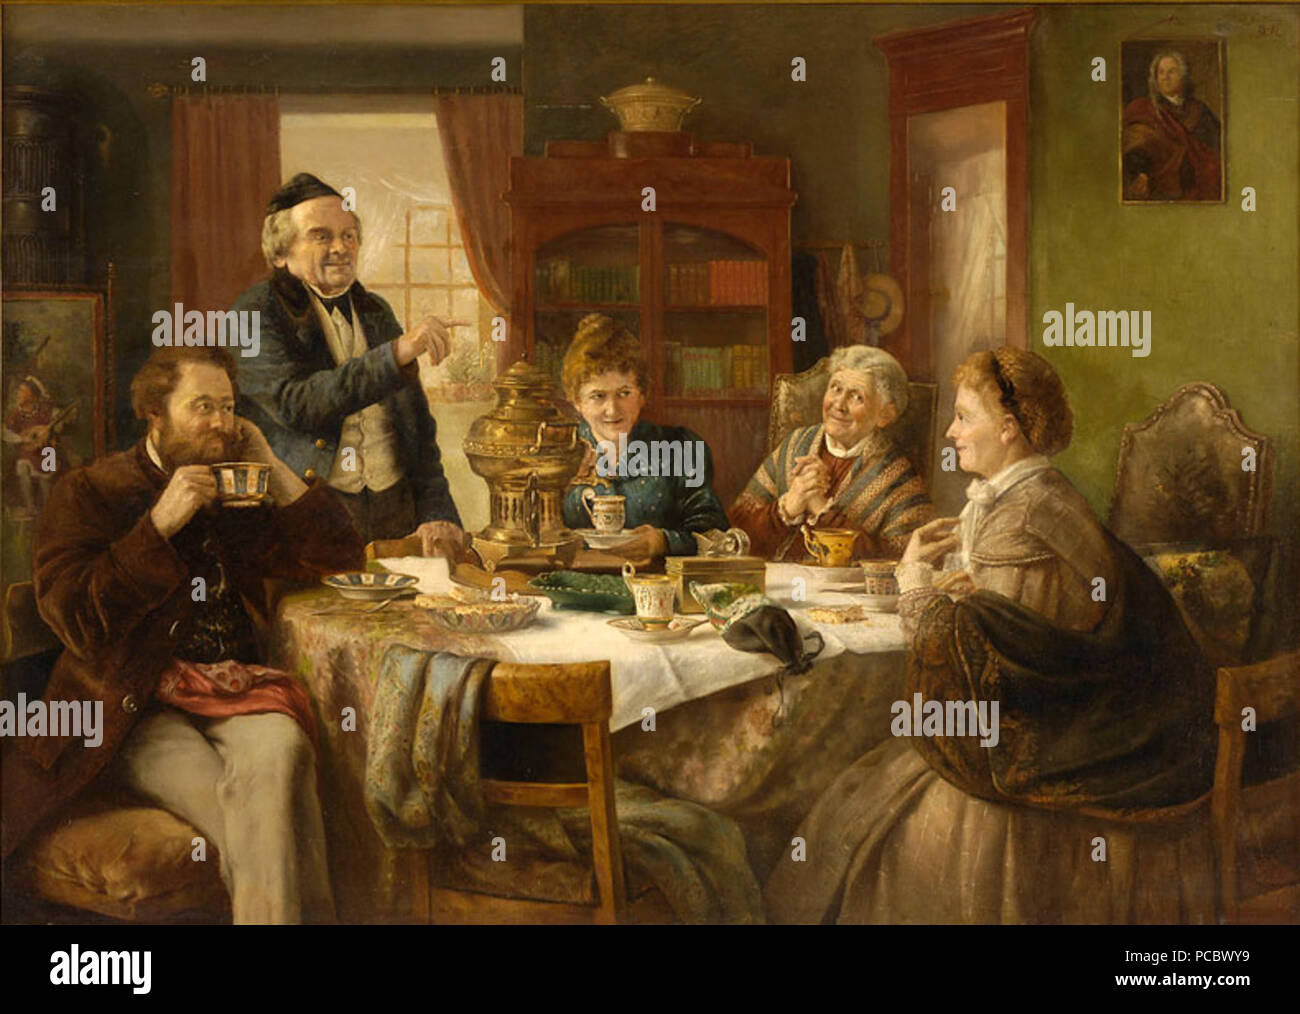 43 Otto Goldmann Eine gesellige Runde 1887 - Stock Image